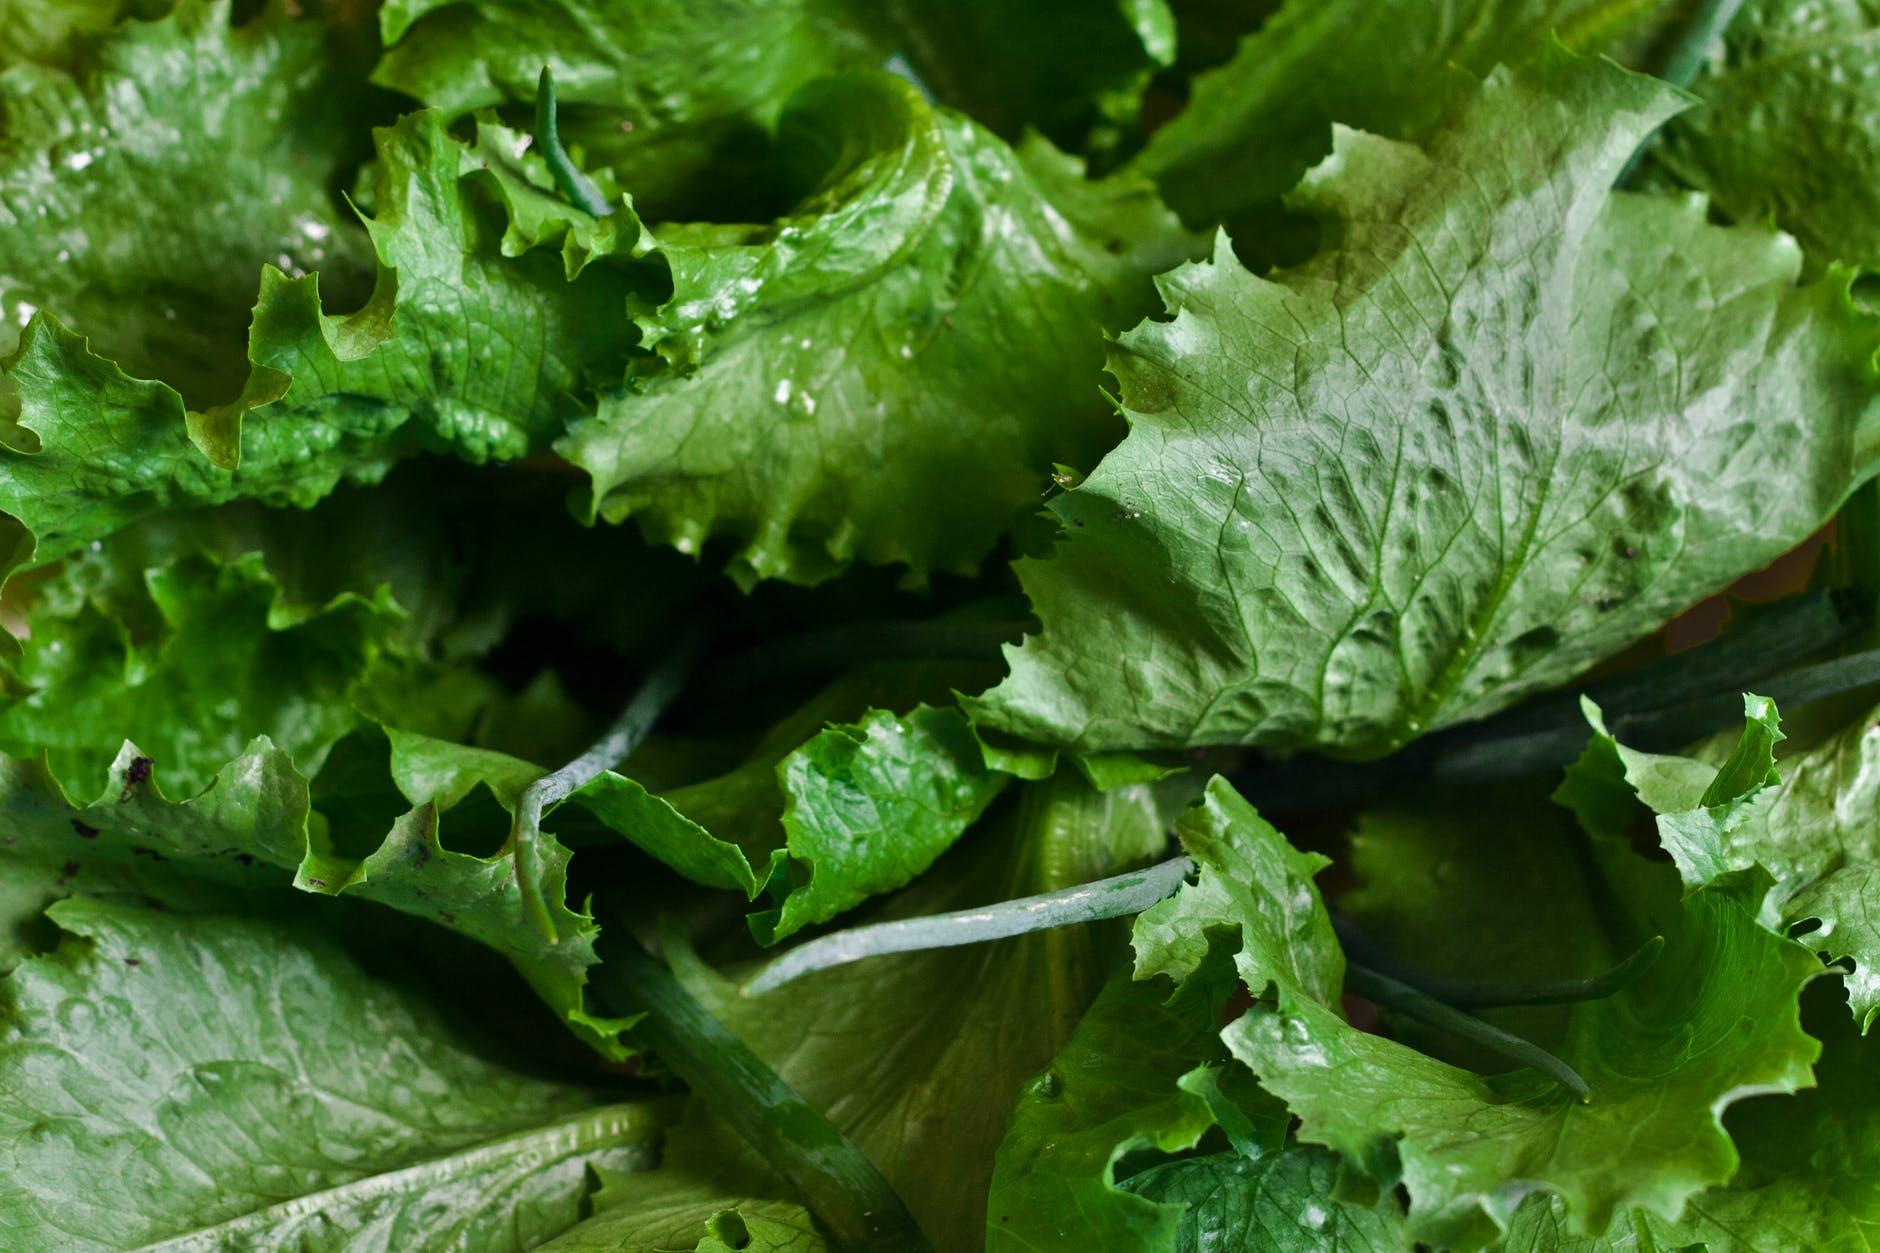 Warning: Don't Eat Romaine Lettuce